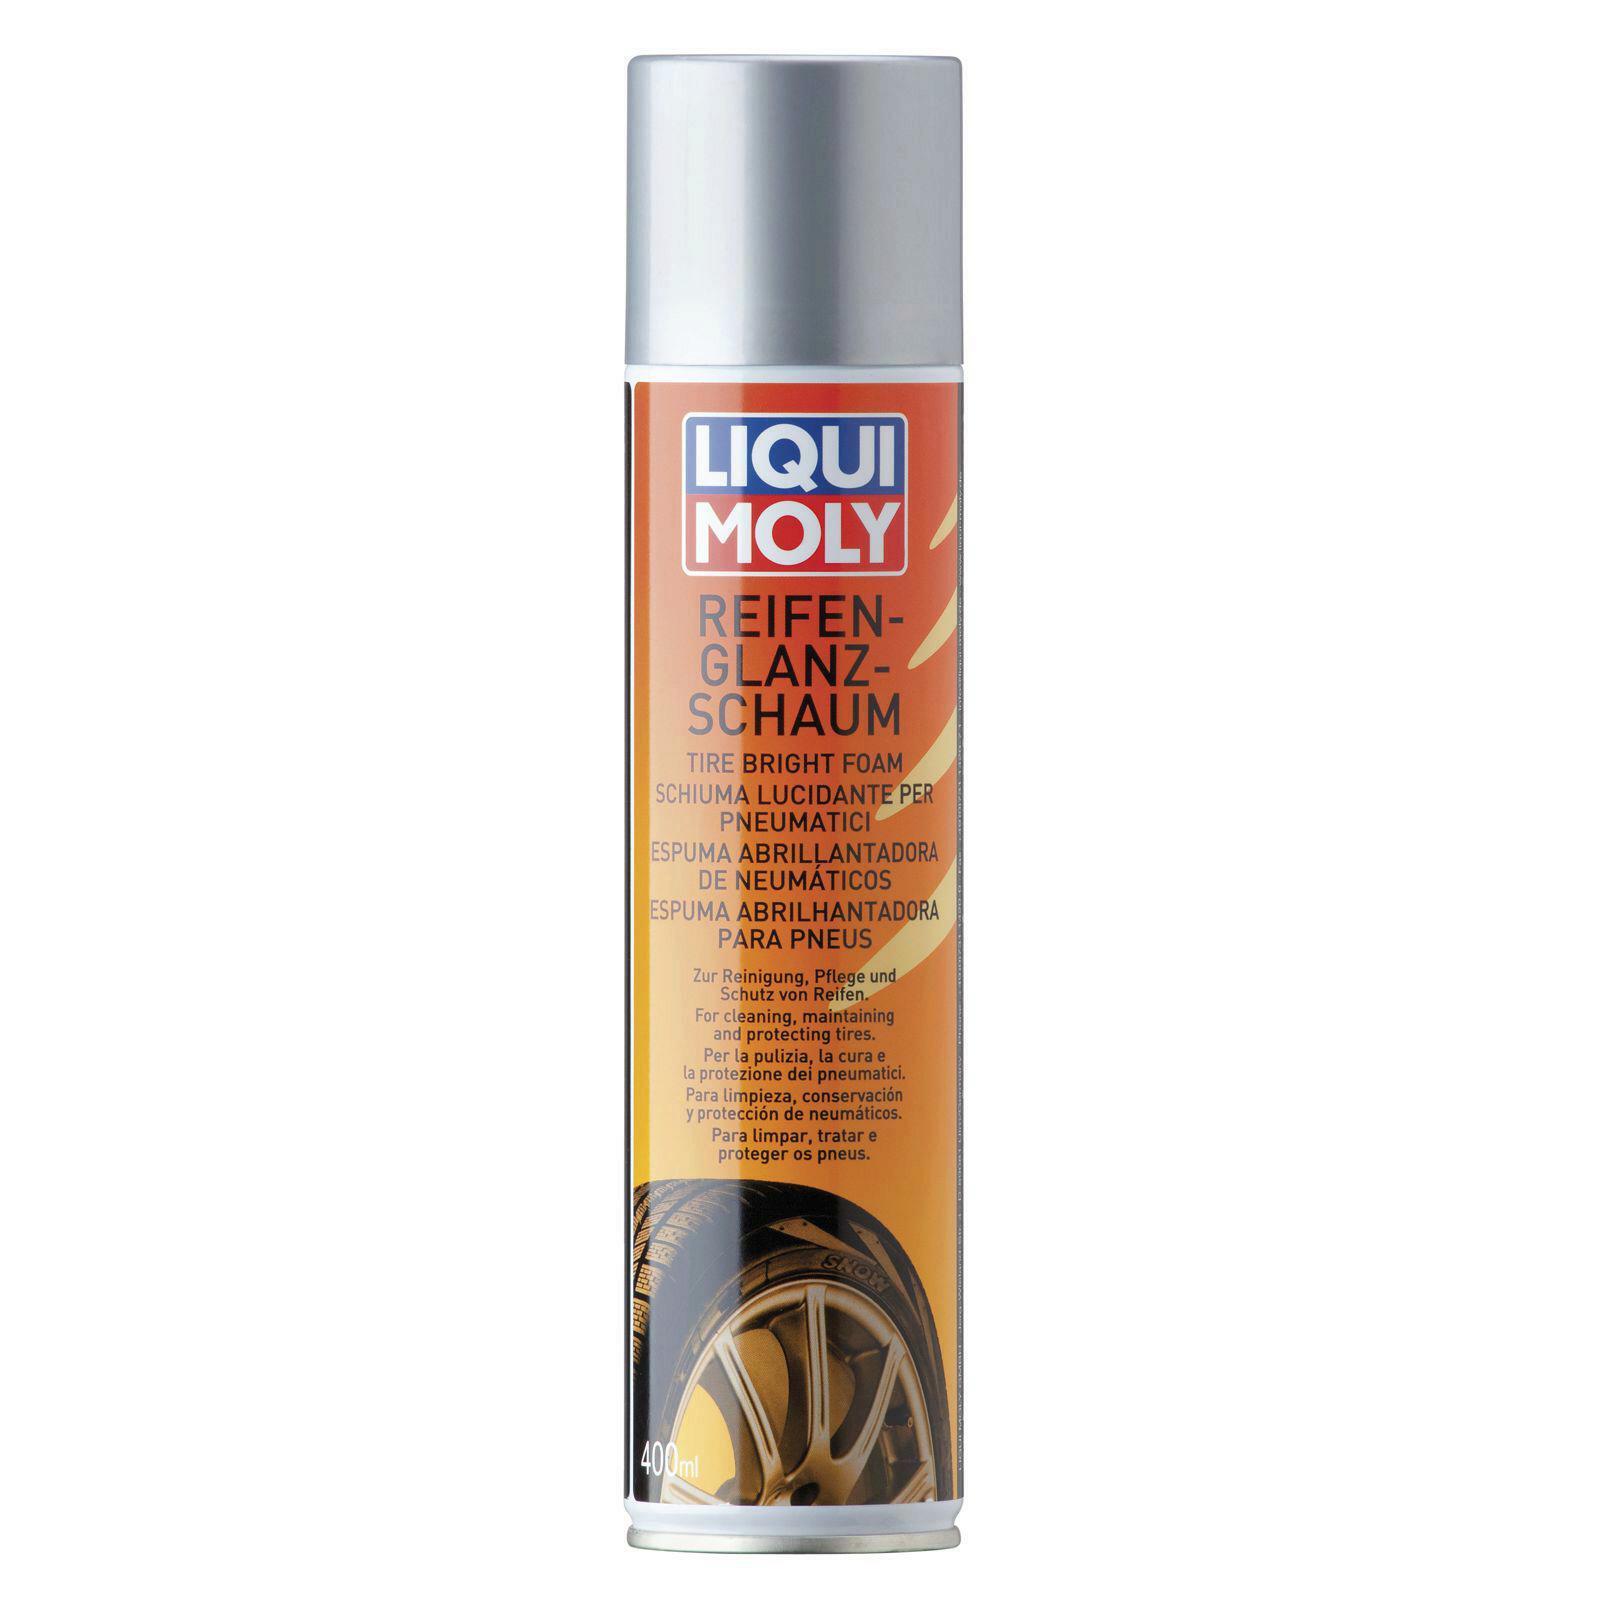 Liqui Moly Reifen-Glanz-Schaum 400ml